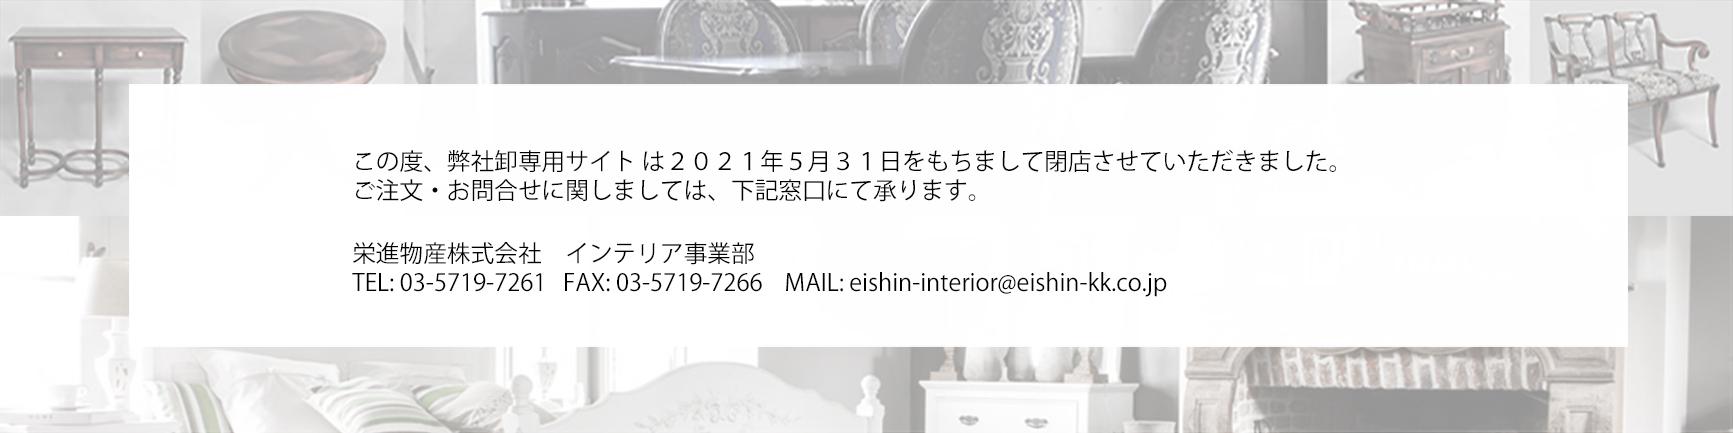 美容サロン用什器・インテリア・クラシック家具の卸販売 エイシン